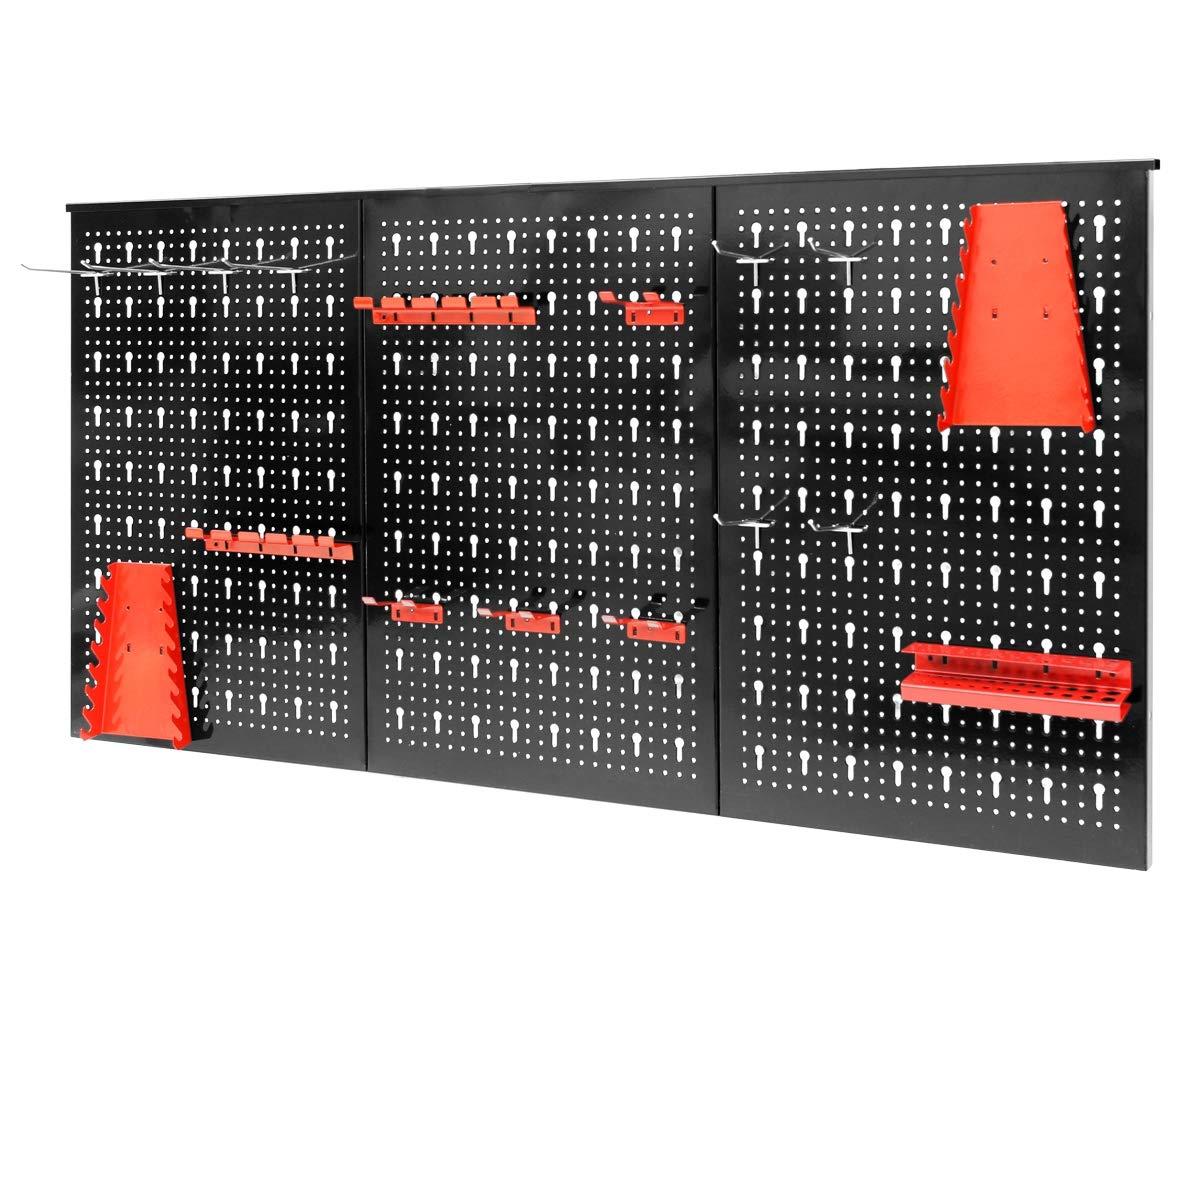 avec 17 pi/èces Assortiment de crochets ECD Germany 2 x Panneau perfor/é en trois parties Paroi perfor/é pour outils 120 x 60 x 2,1 cm Porte-outils en m/étal